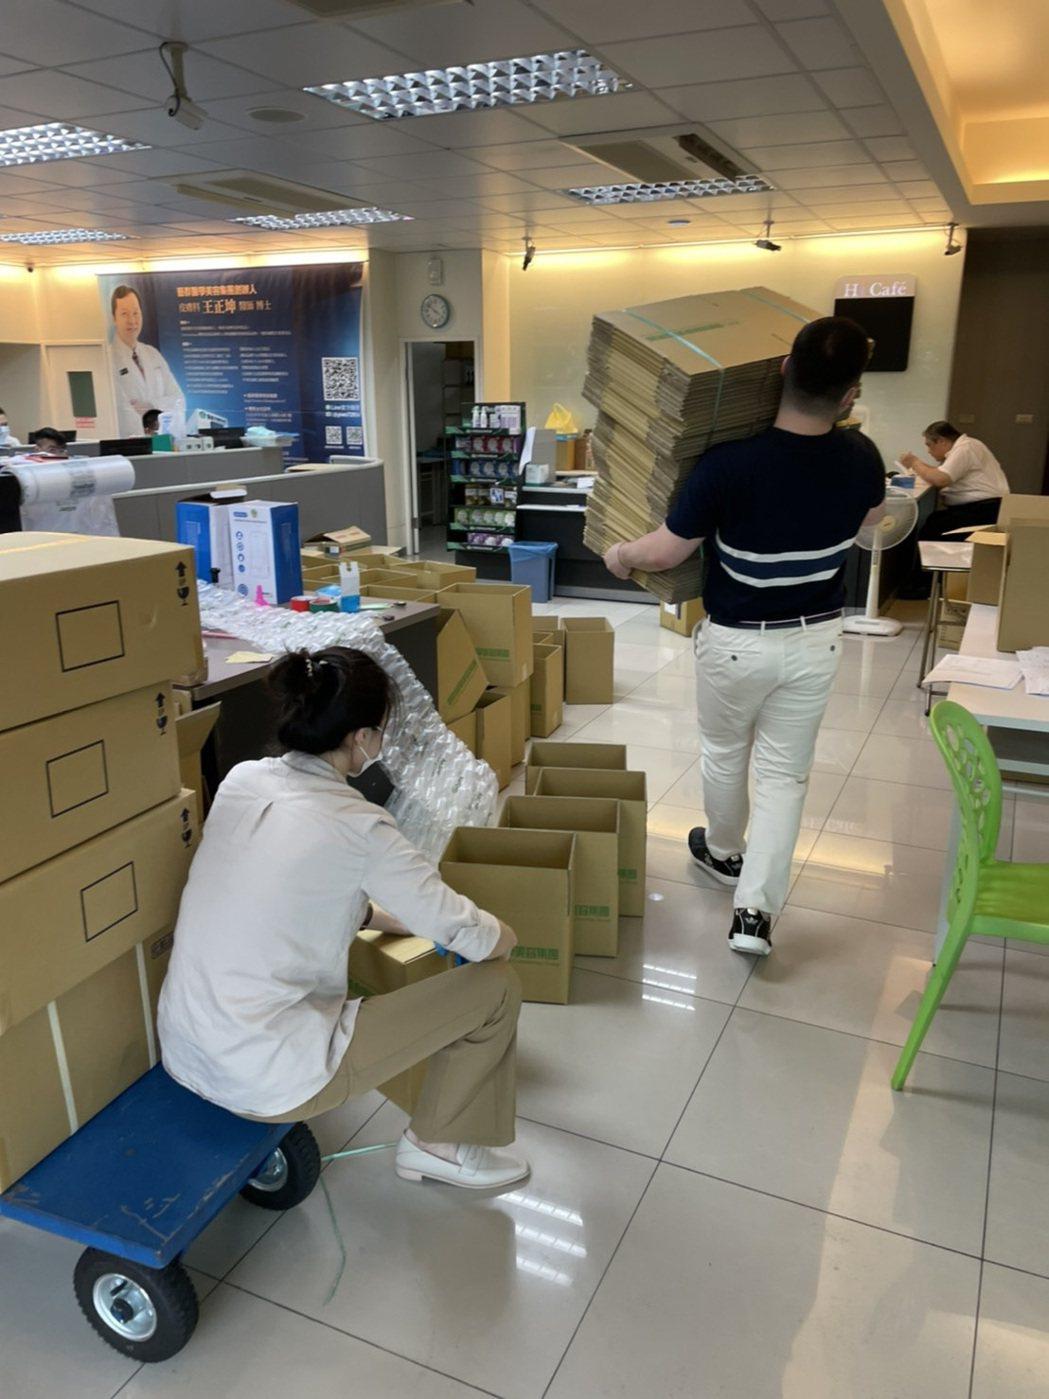 藝群保養品單日網購超過1萬多瓶保養品,數量驚人,員工全部出動,緊急撿貨、包裝與出...